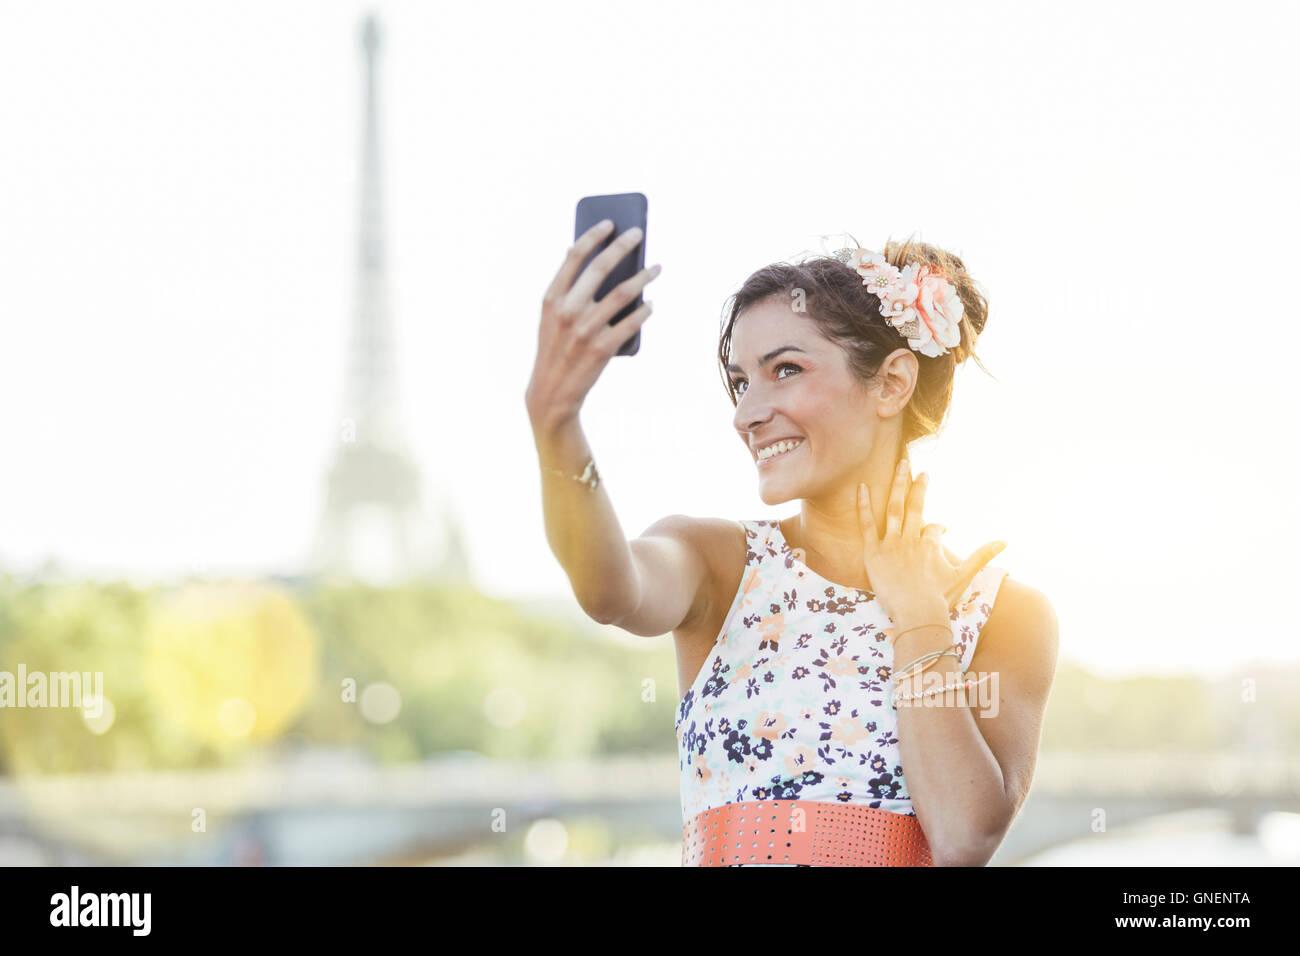 Paris, Frau tut ein Selbstporträt mit Eiffelturm im Hintergrund Stockbild